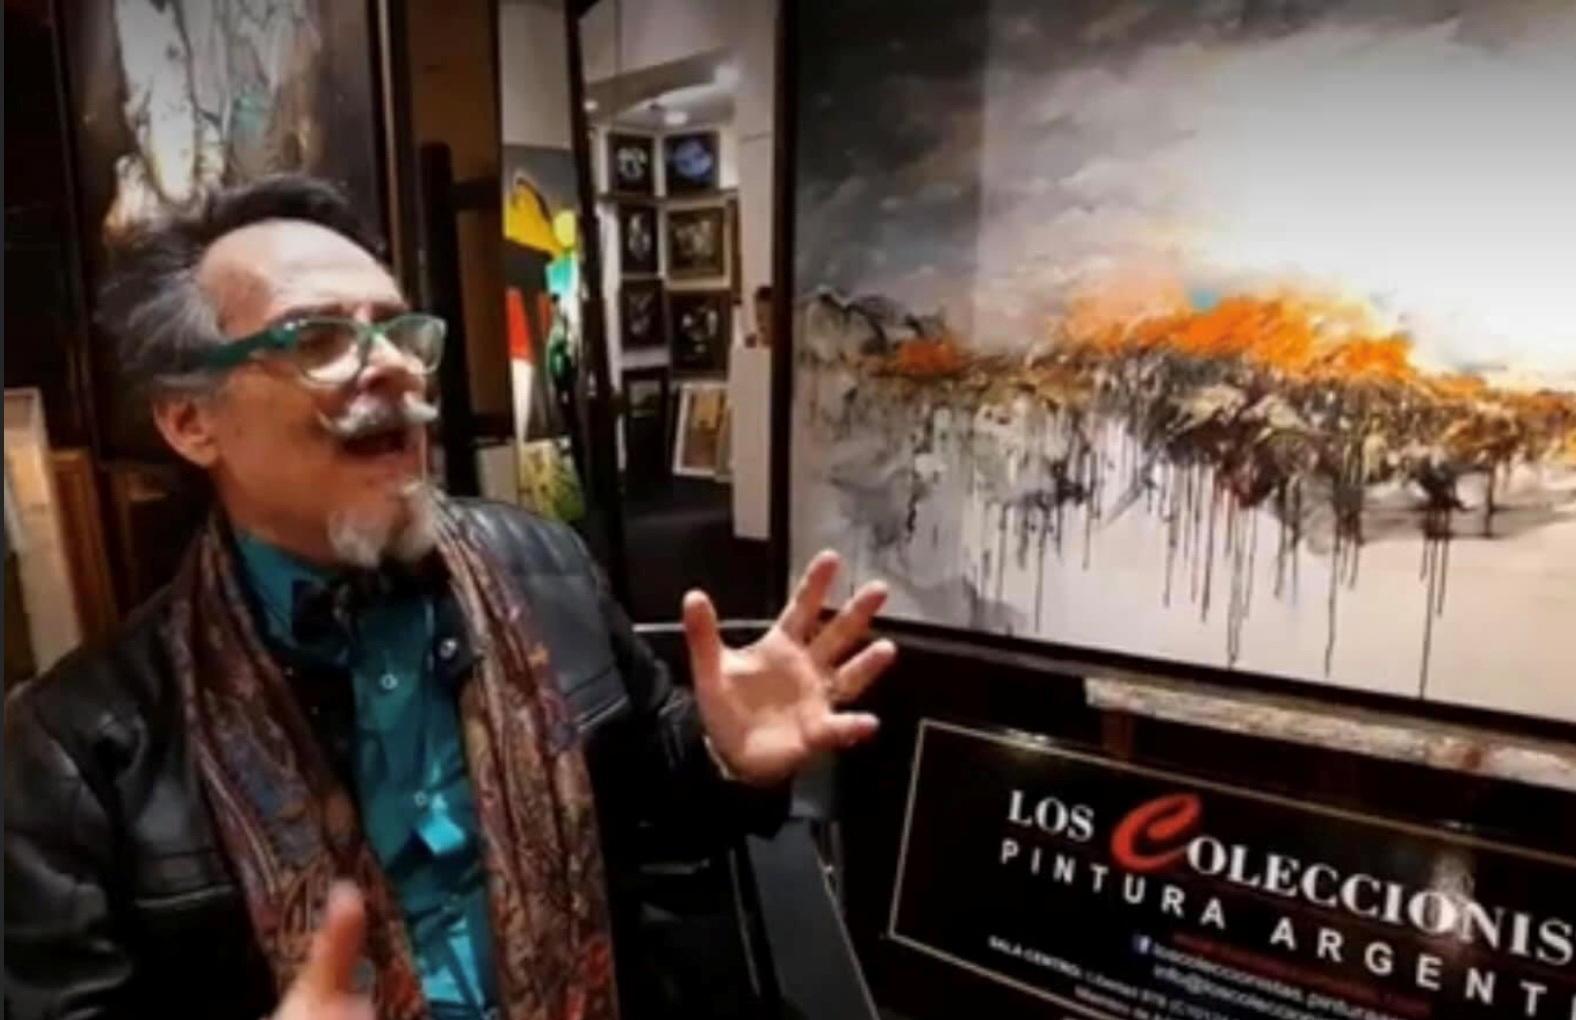 Charla Informal con Guillermo Di Diego y Daniel Gallet